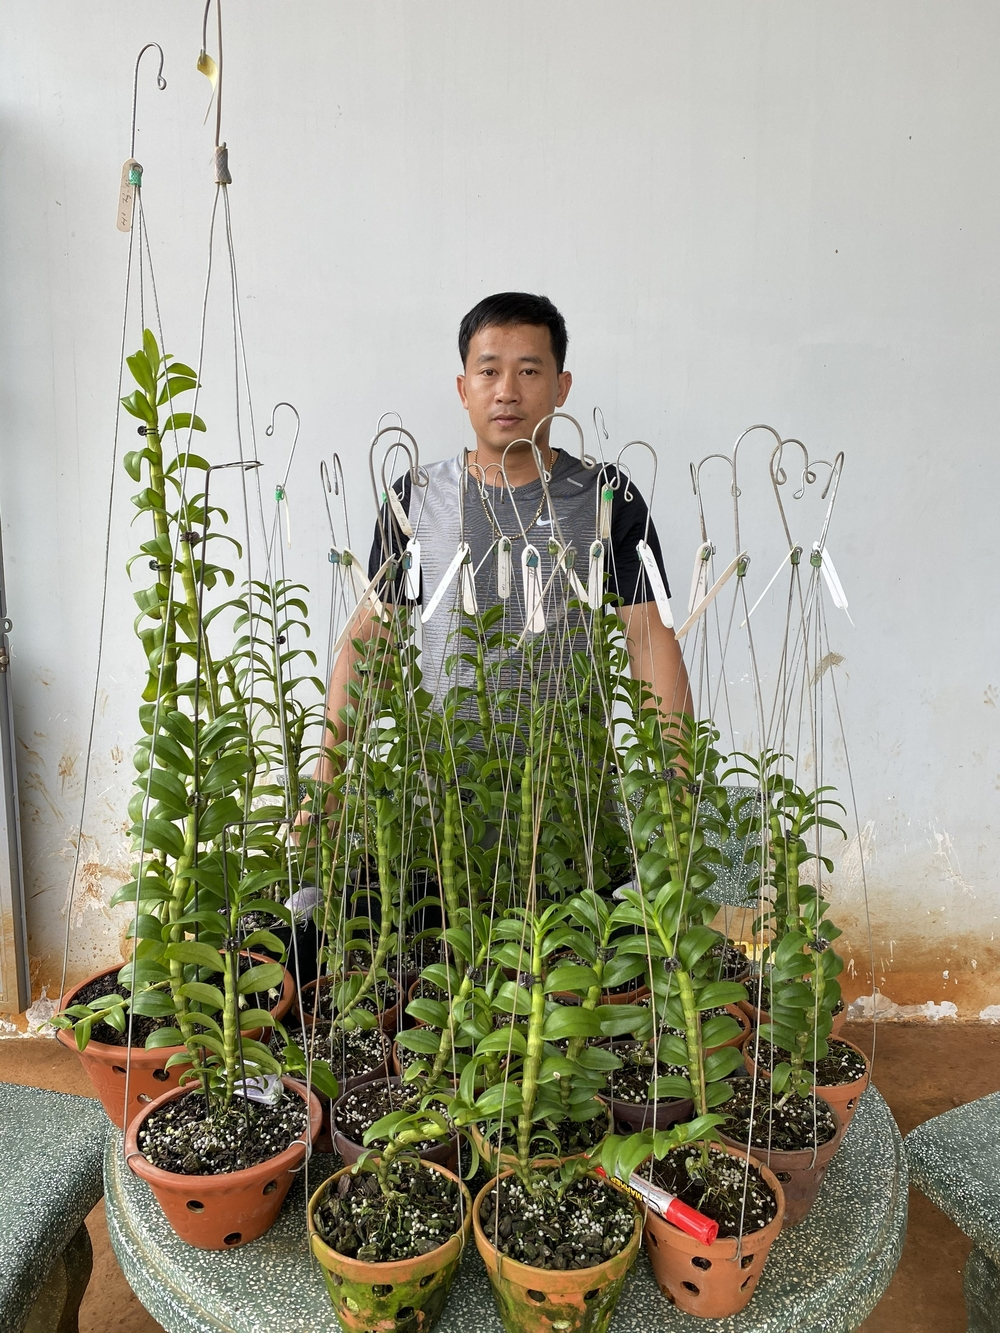 Thầy giáo Phạm Thăng Bằng sở hữu vườn lan giá trị với hơn 10.000 chậu Ảnh 1